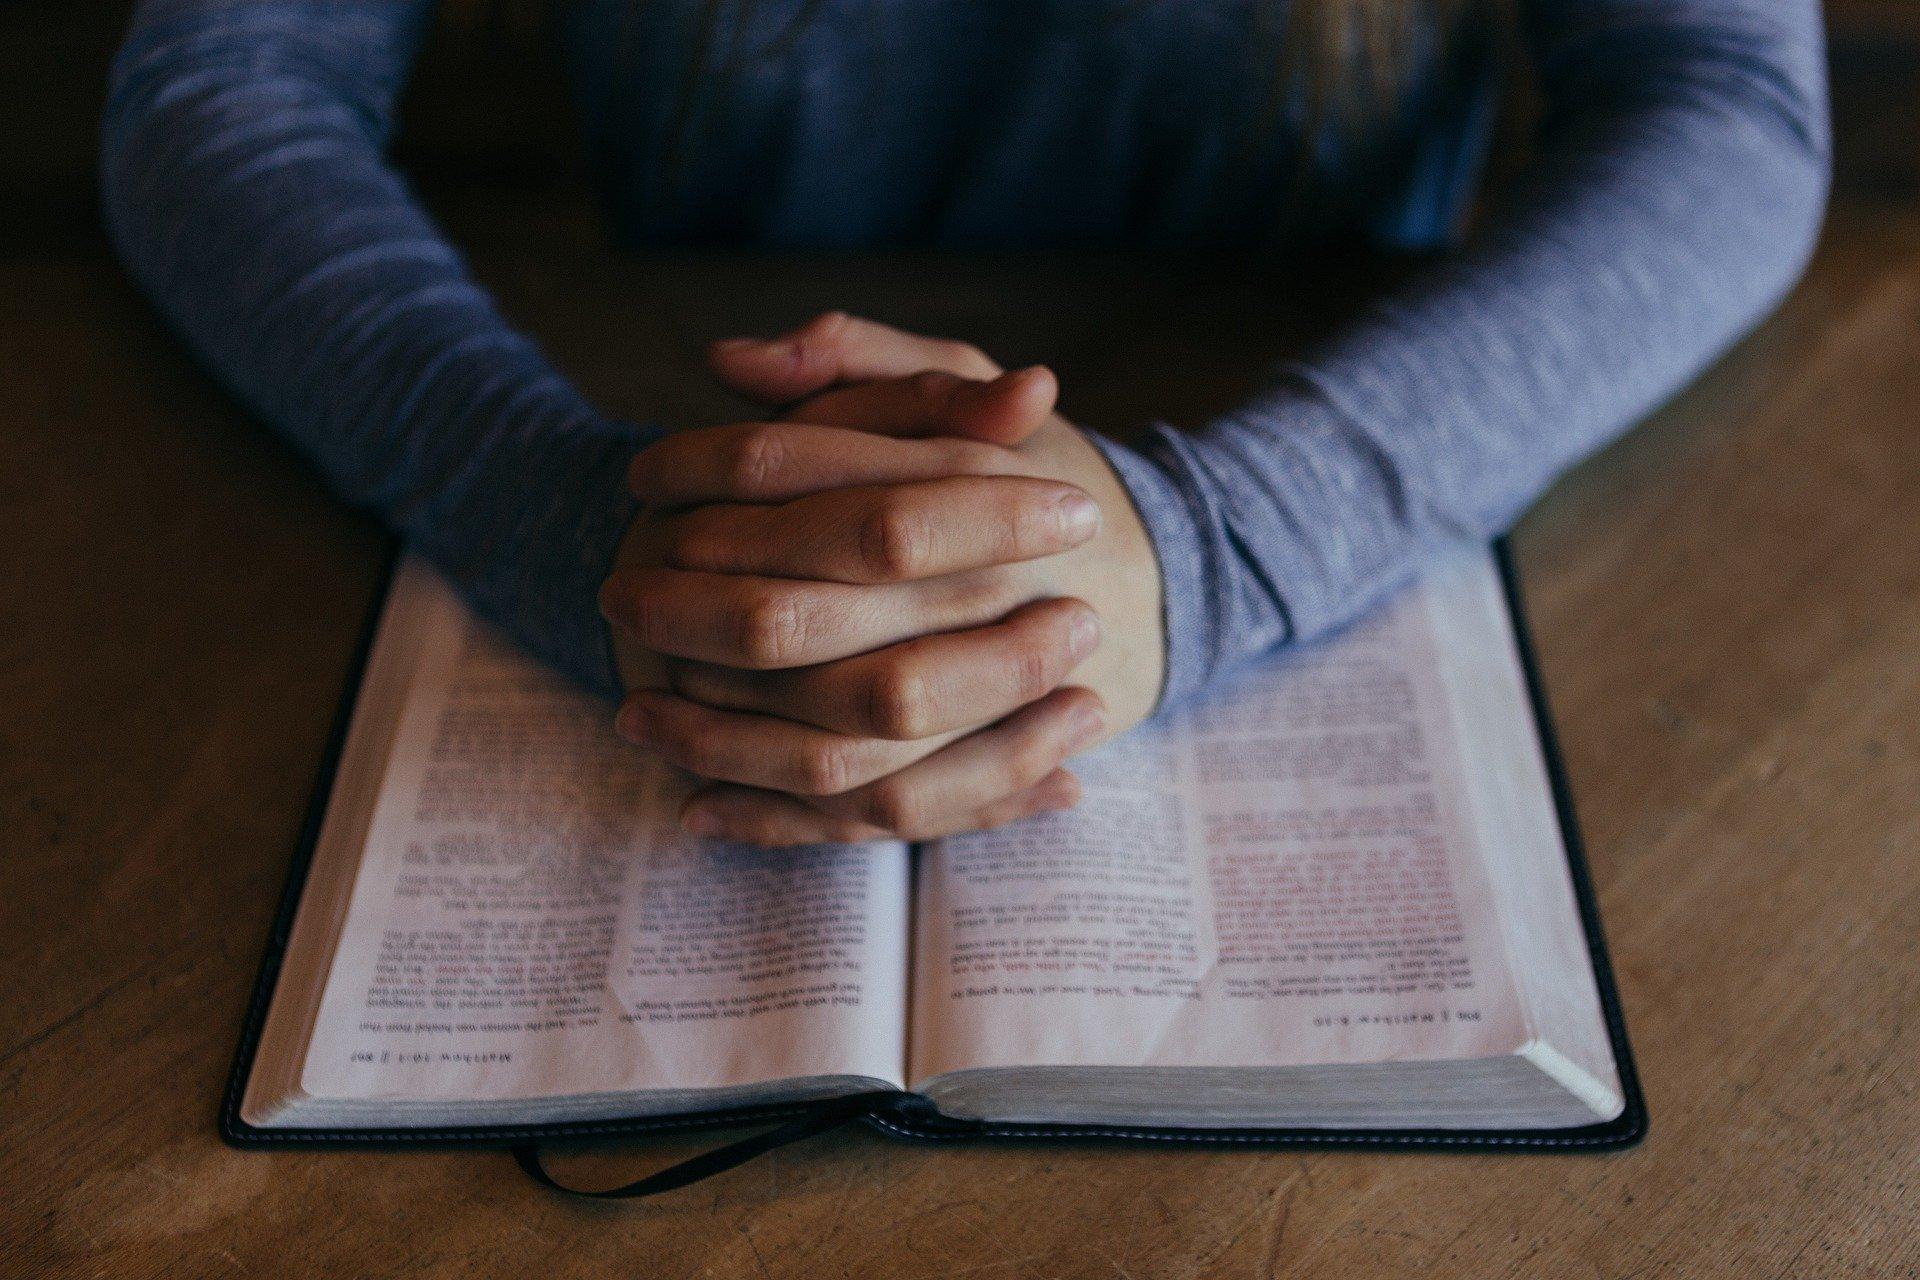 Pessoa com as mãos unidas sobre a bíblia aberta